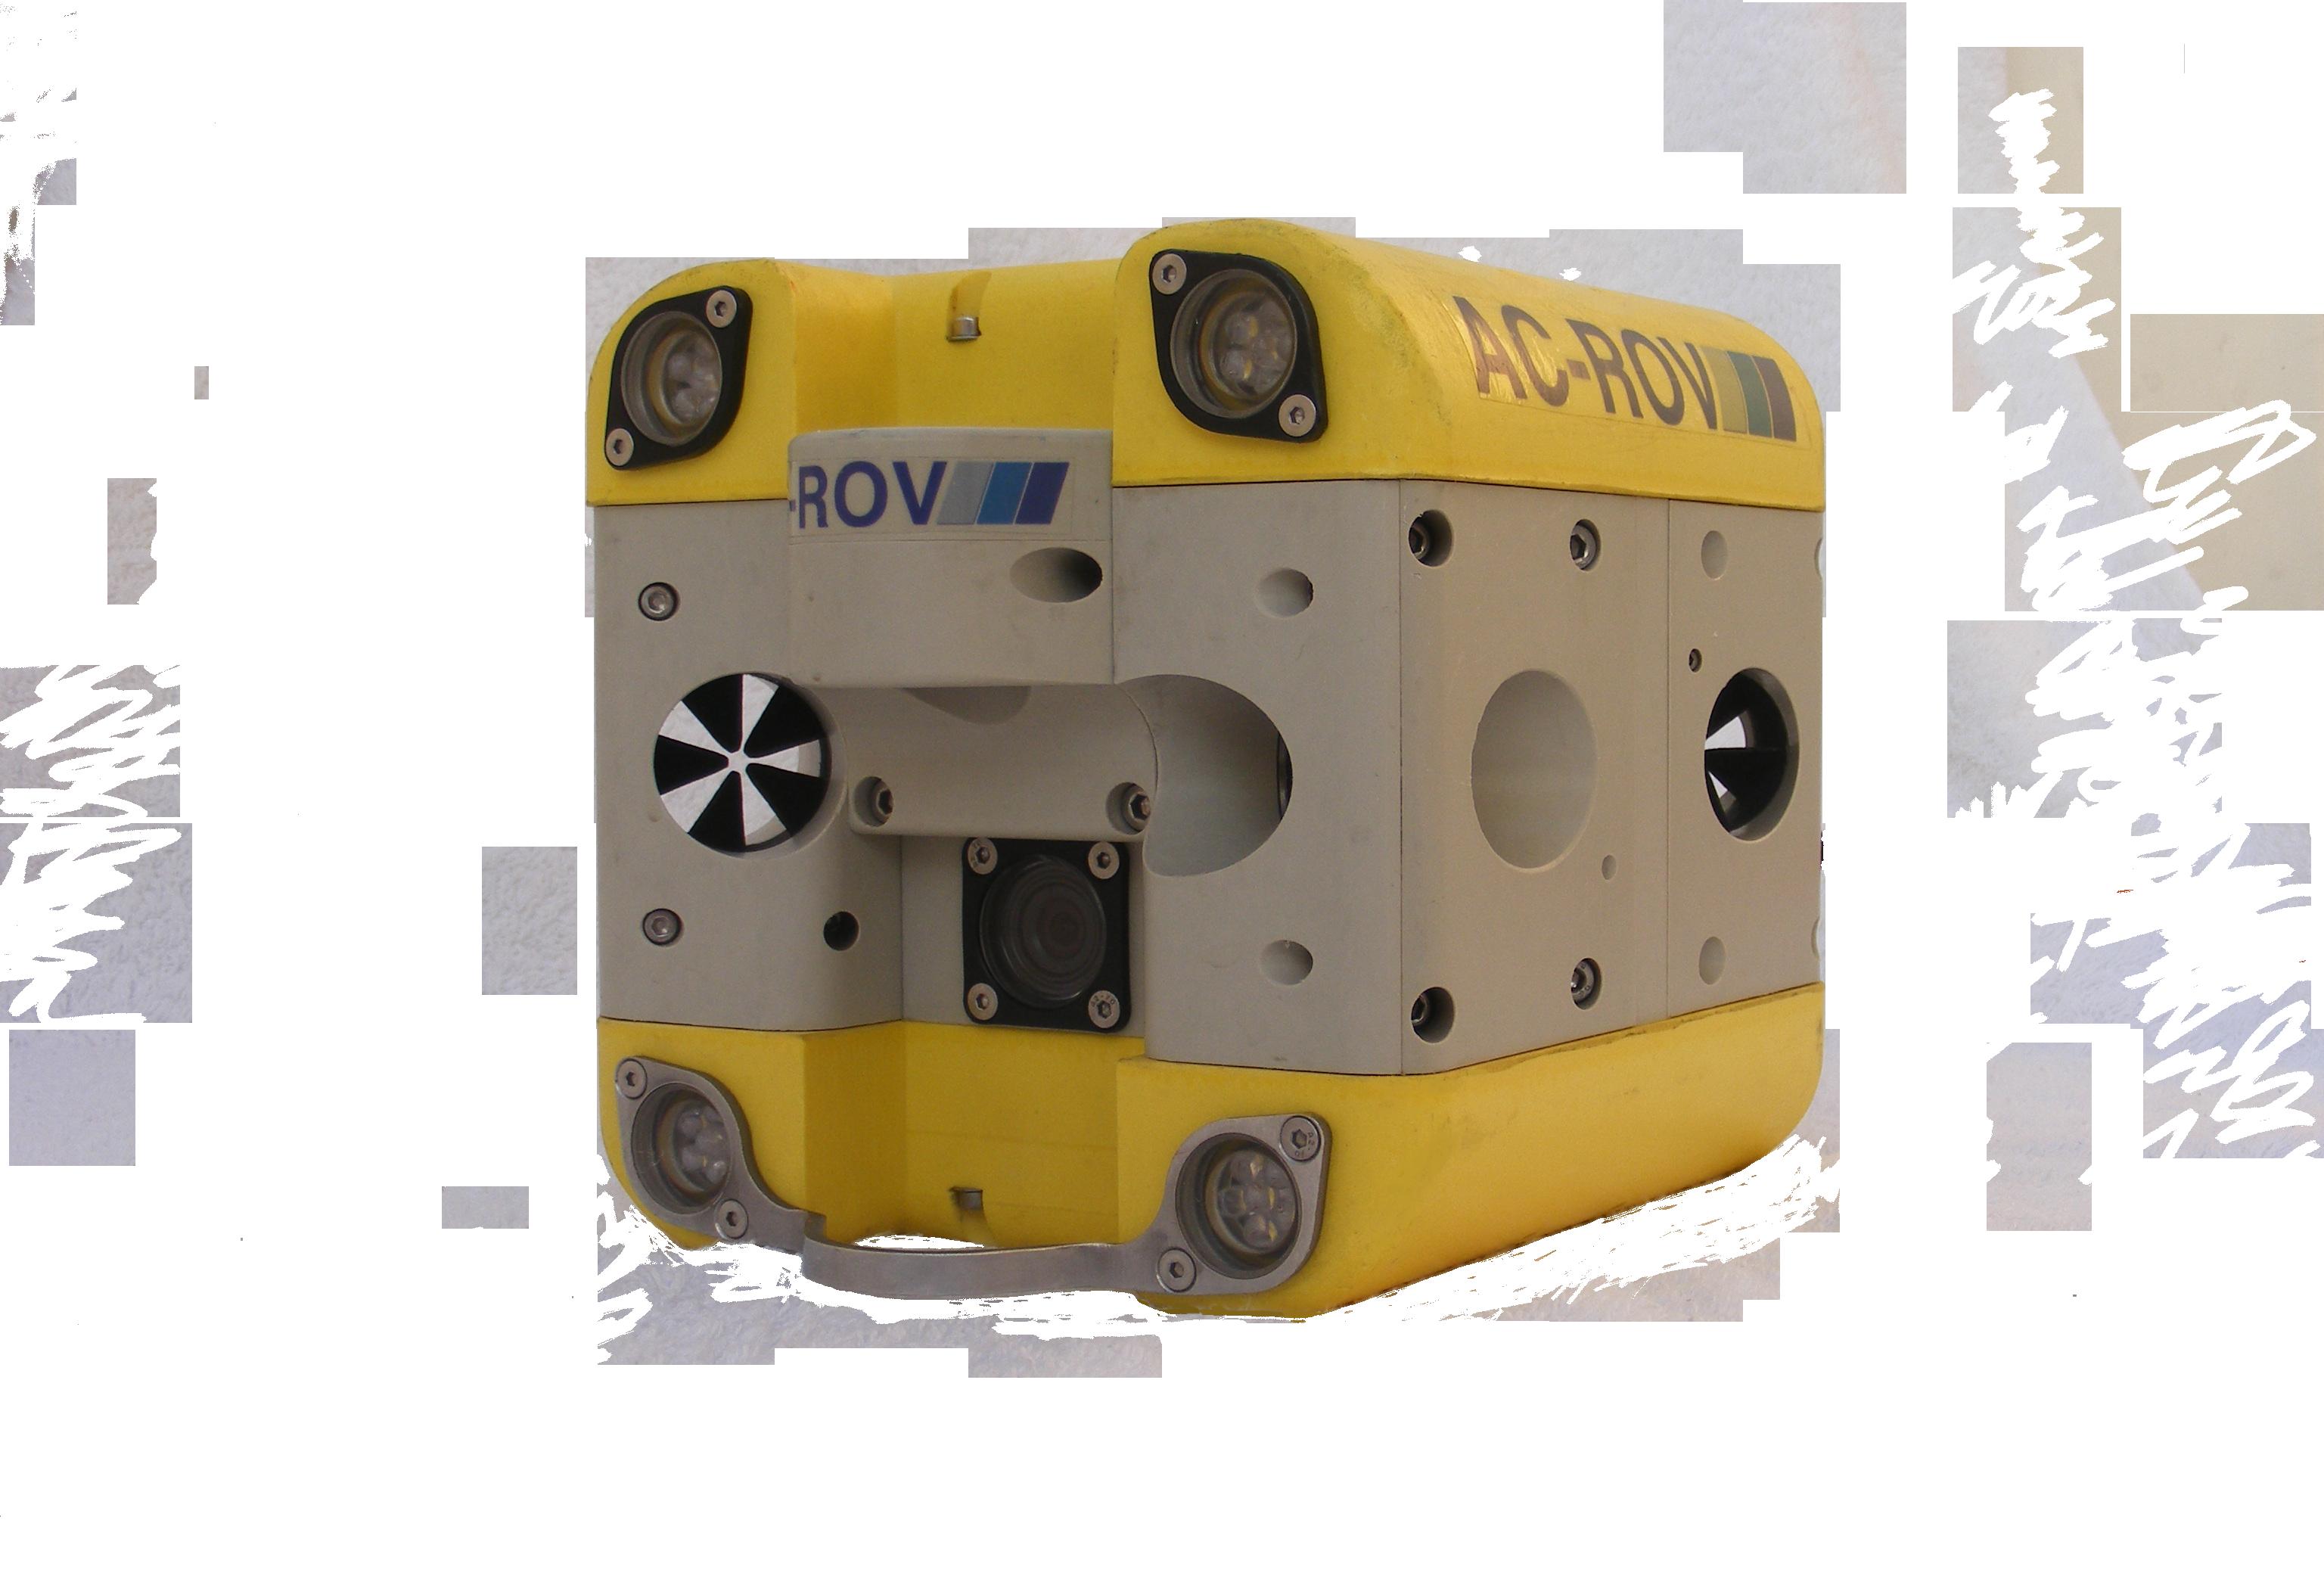 AC-ROV